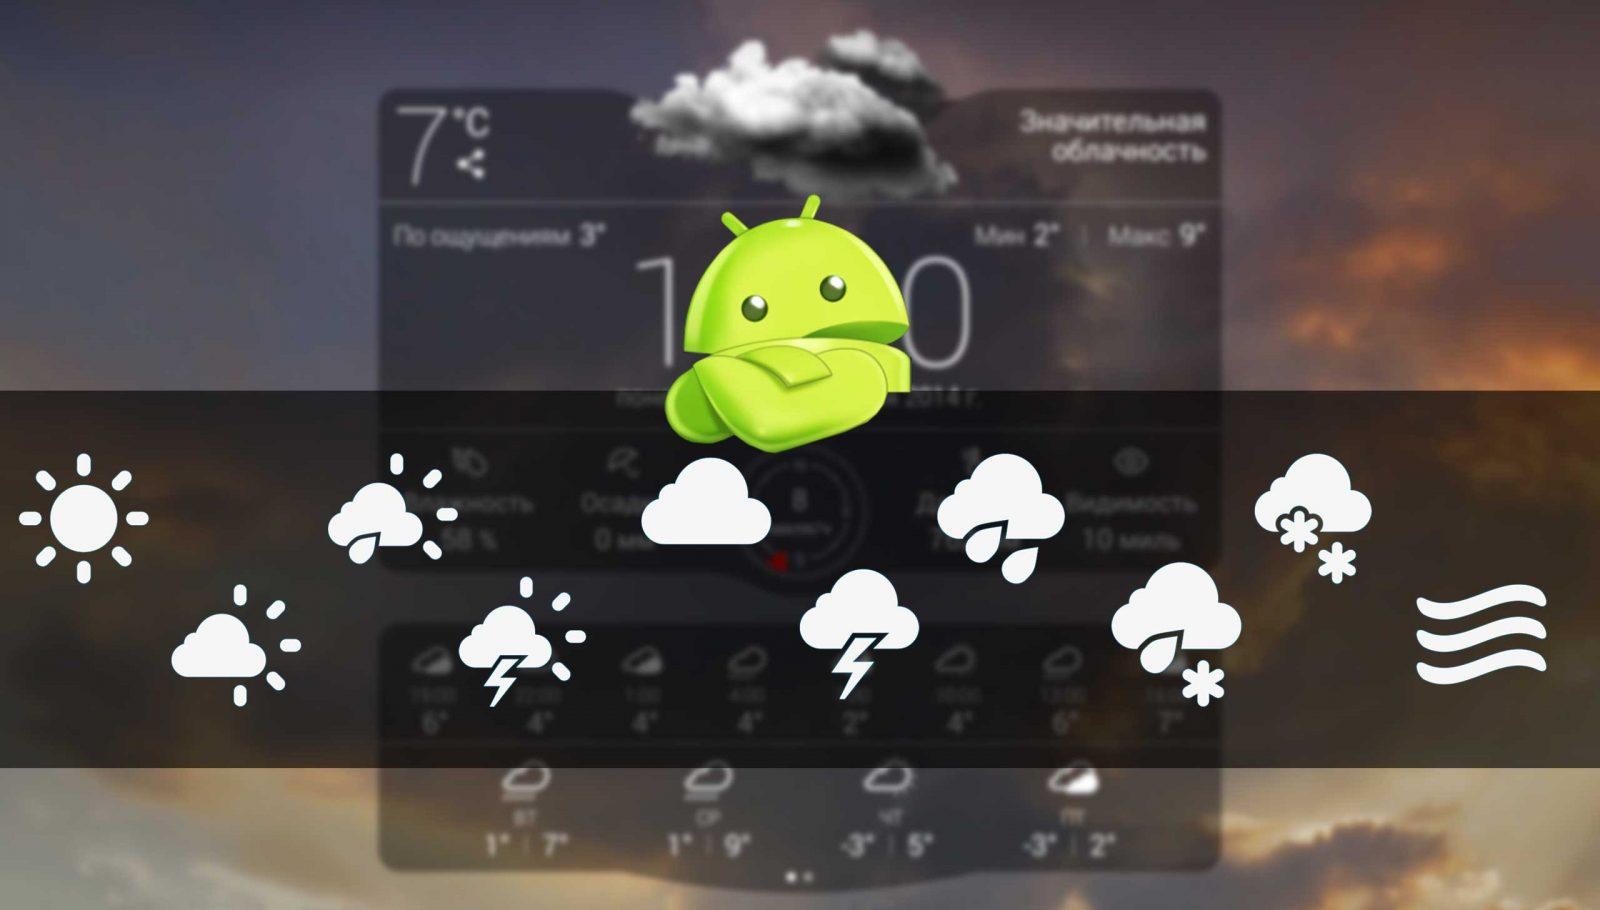 Погода на Android